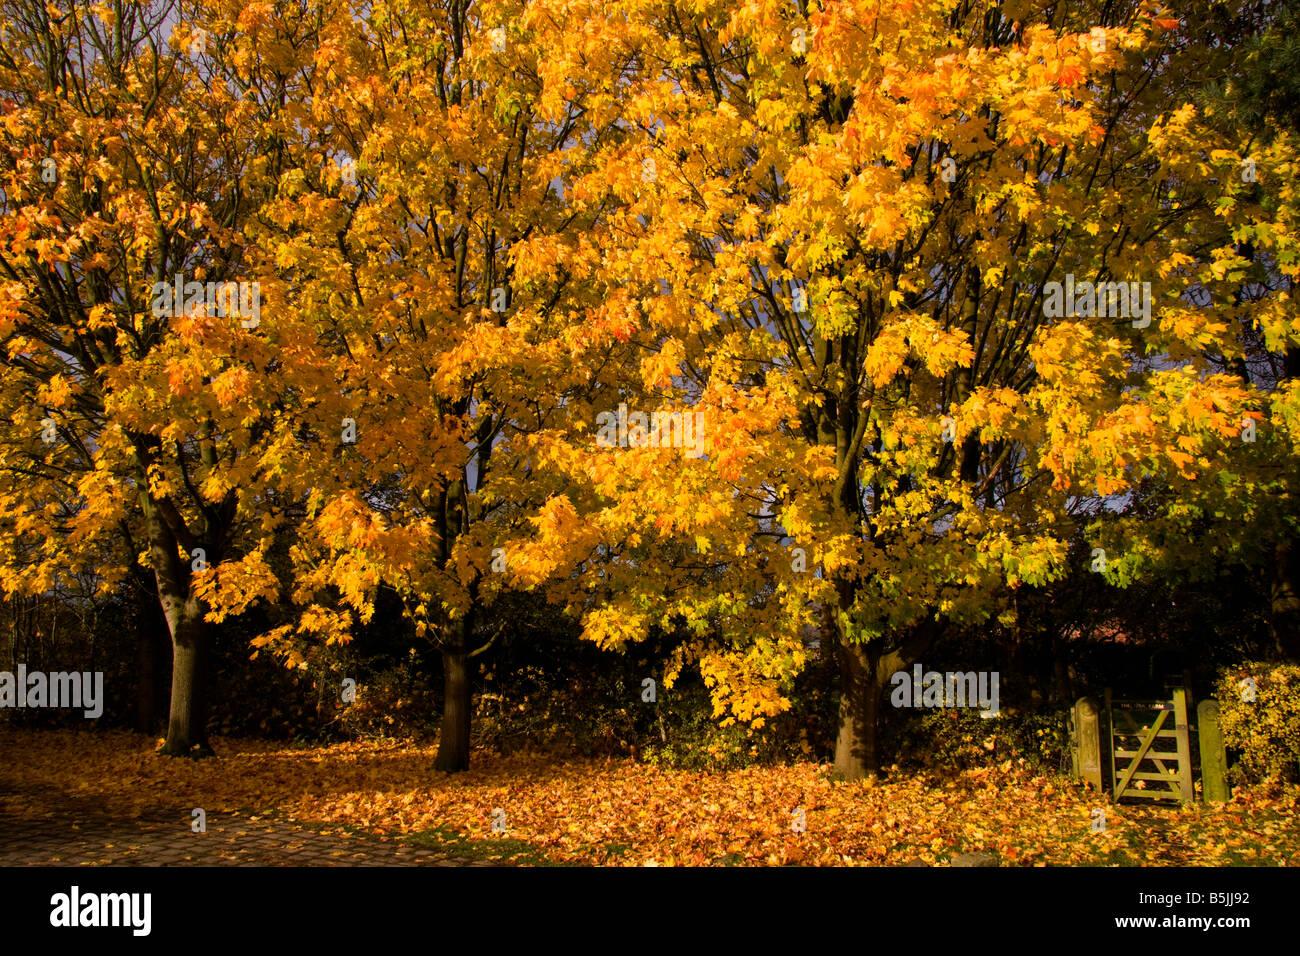 Autumn at Style, Cheshire, UK - Stock Image